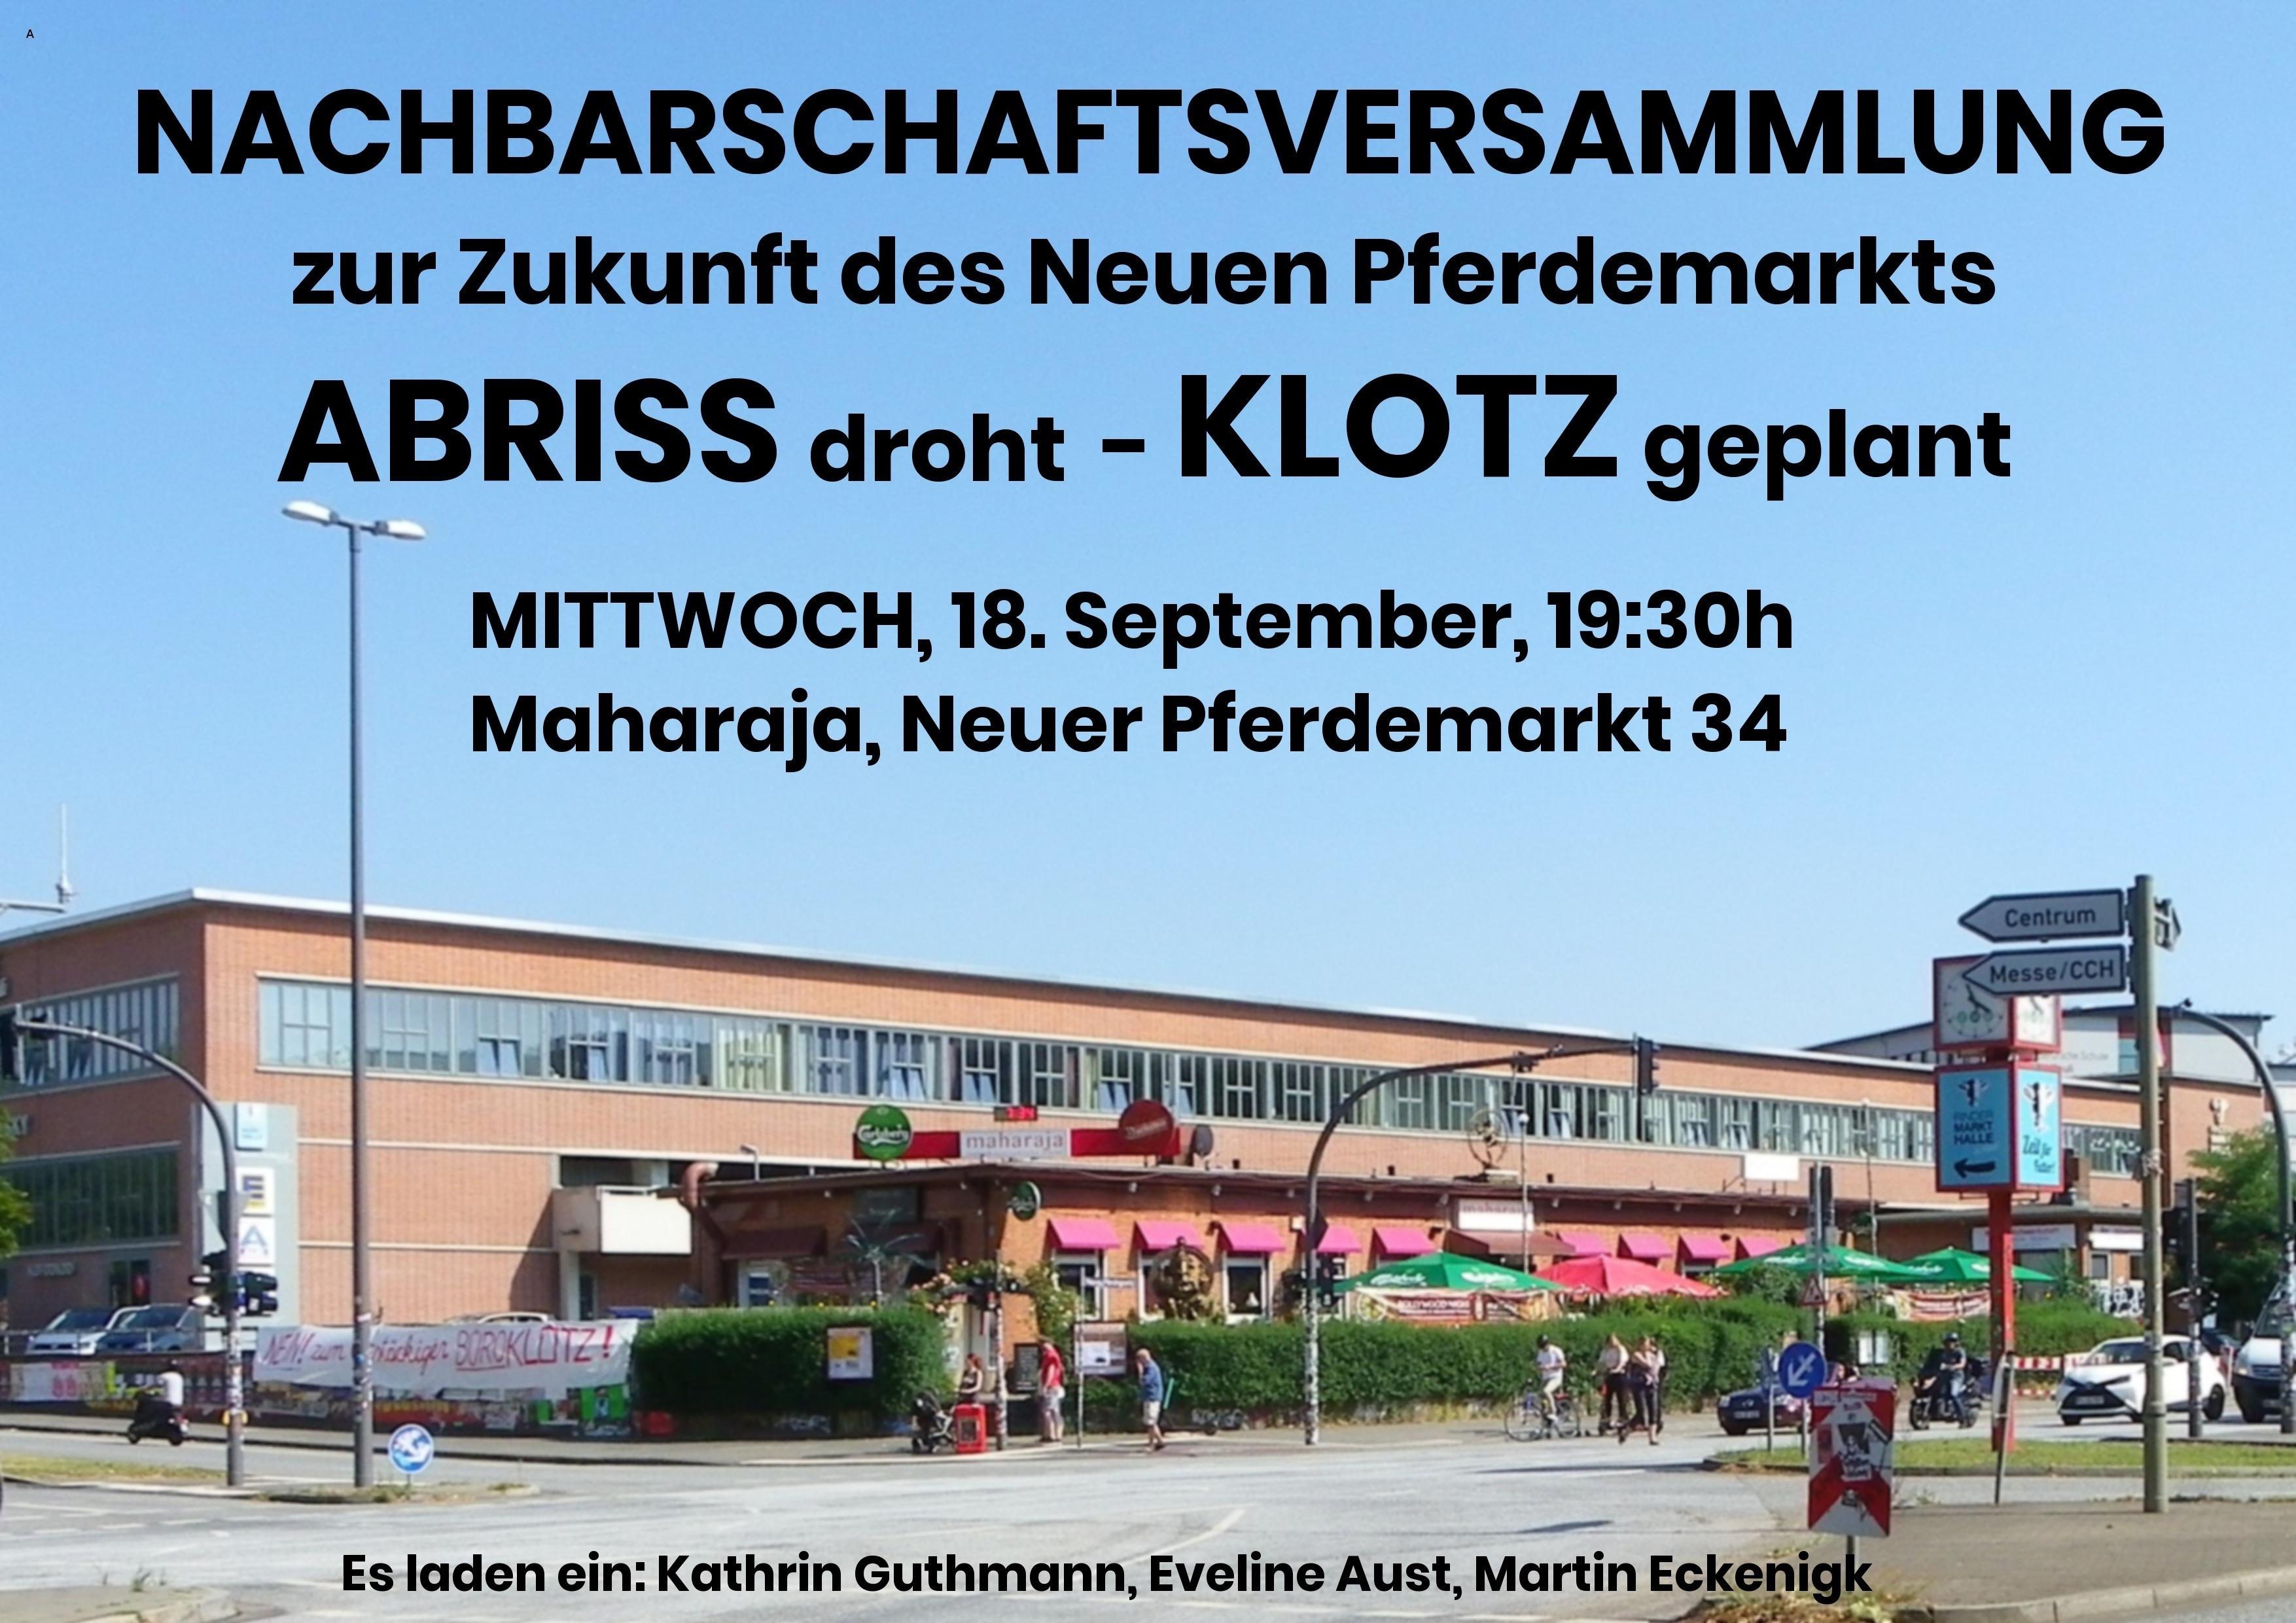 Herausgegeben vom Heimatverein Grosshansdorf Schmalenbeck